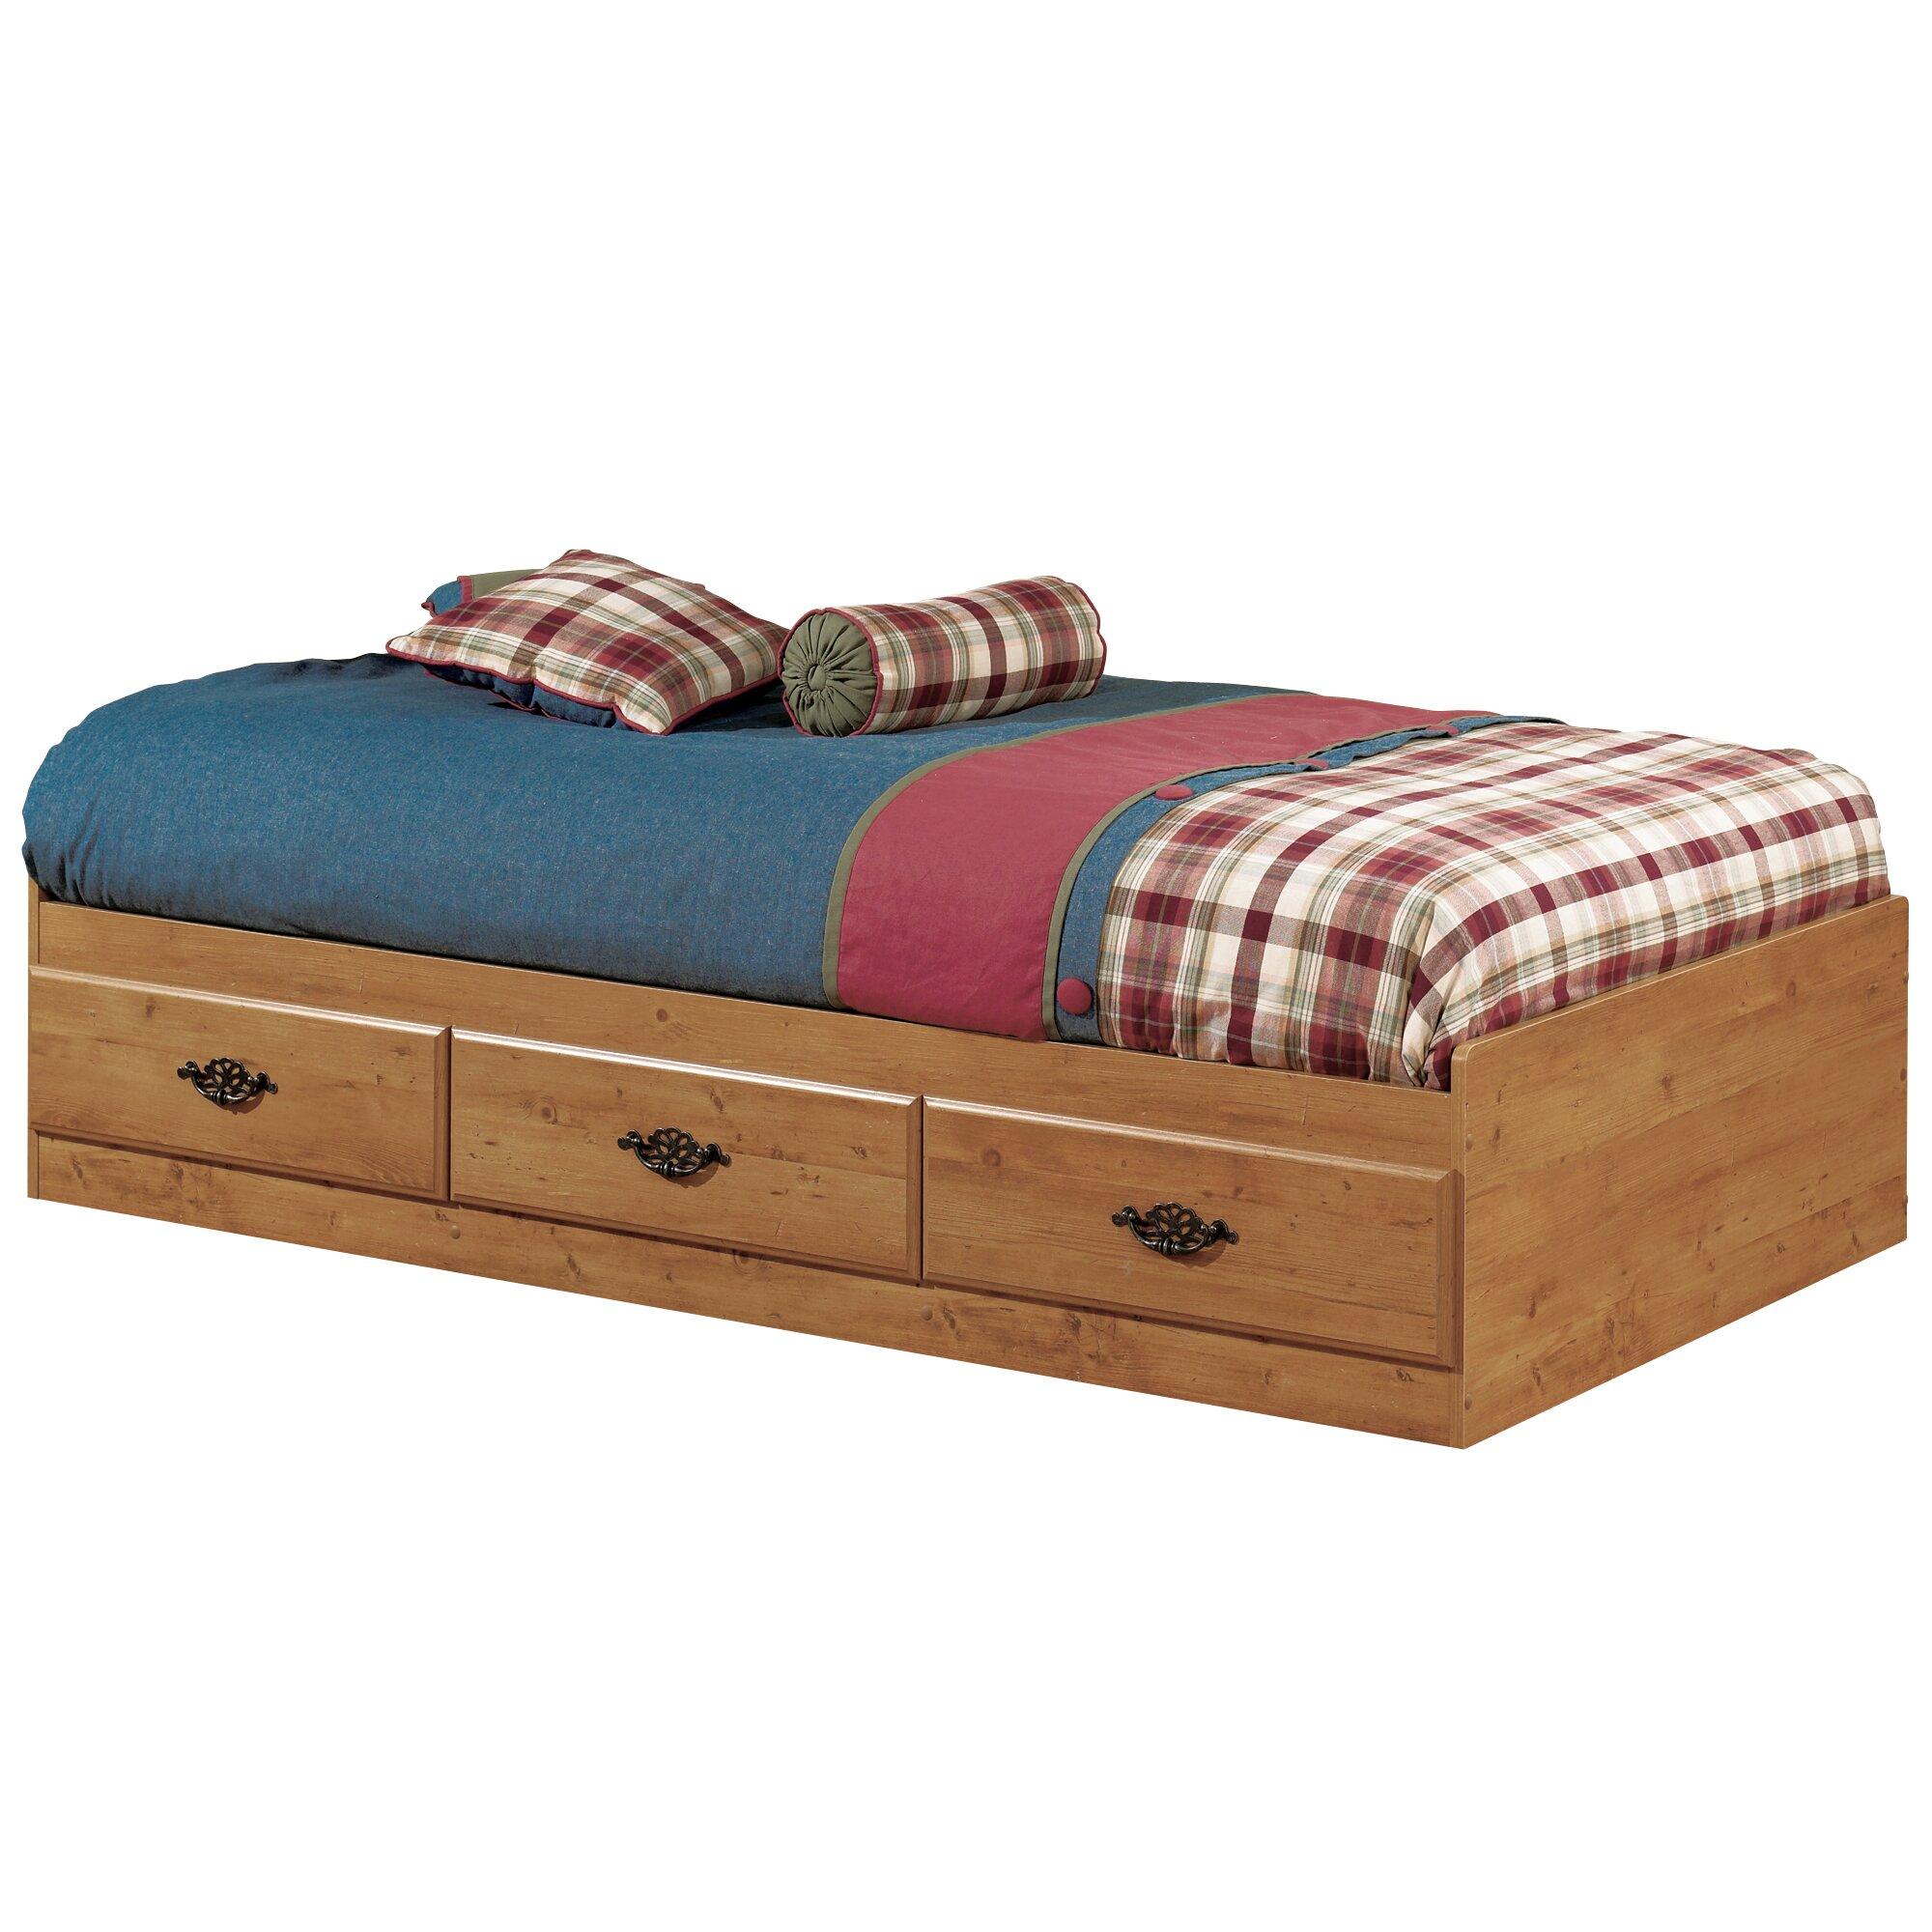 Wayfair Mates Twin Beds